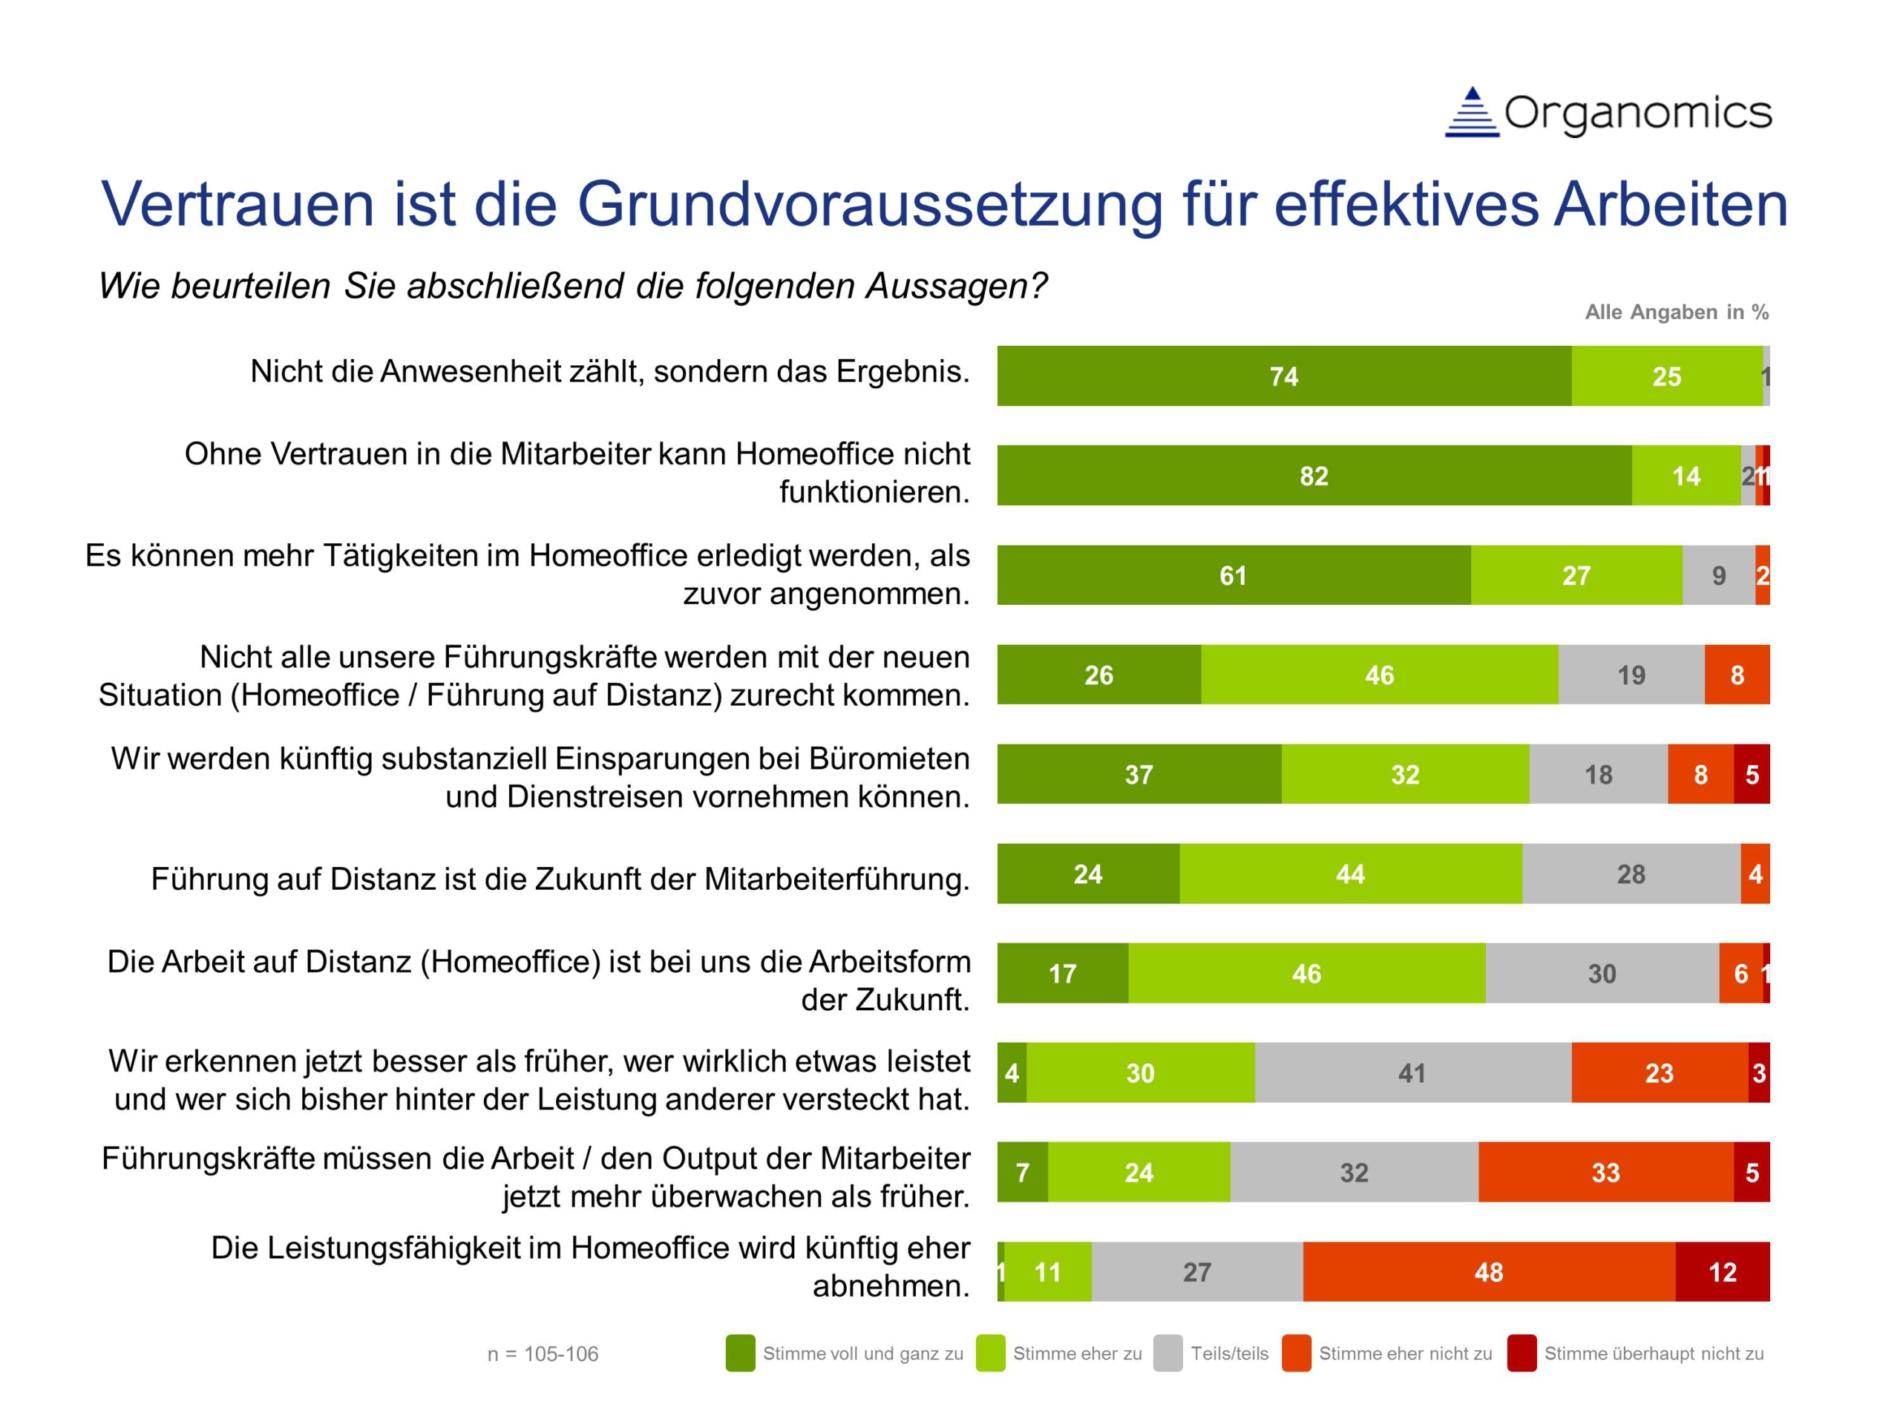 Balkengrafik zu Aussagen künftiger Arbeitsorganisation rund um Führung auf Distanz